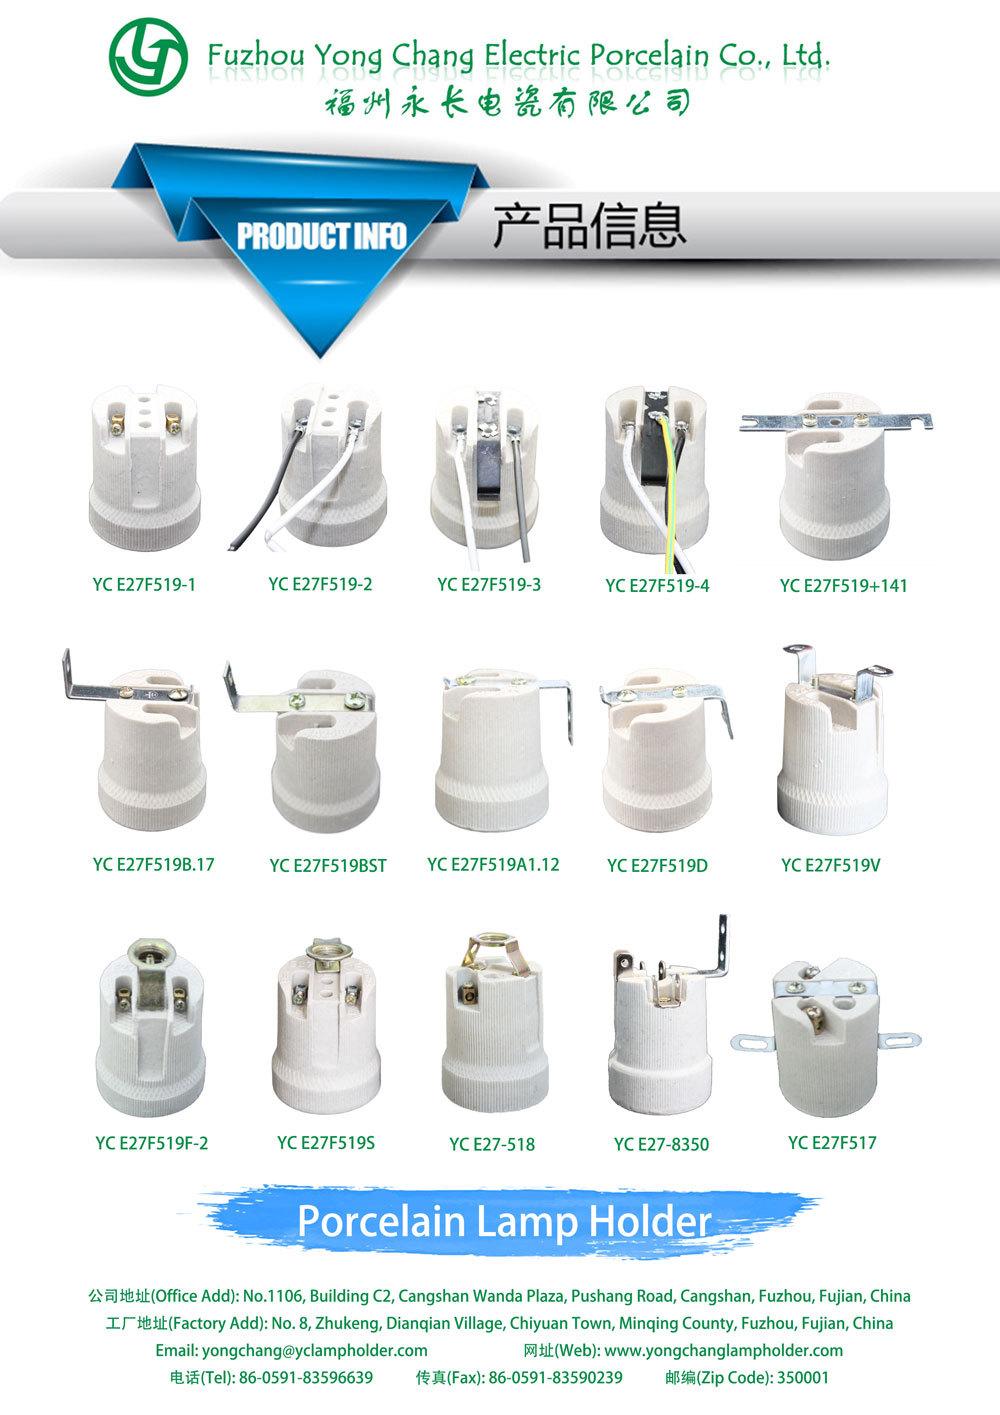 Parts Porcelain Socket Lamp Holder2 Jpg 4 1